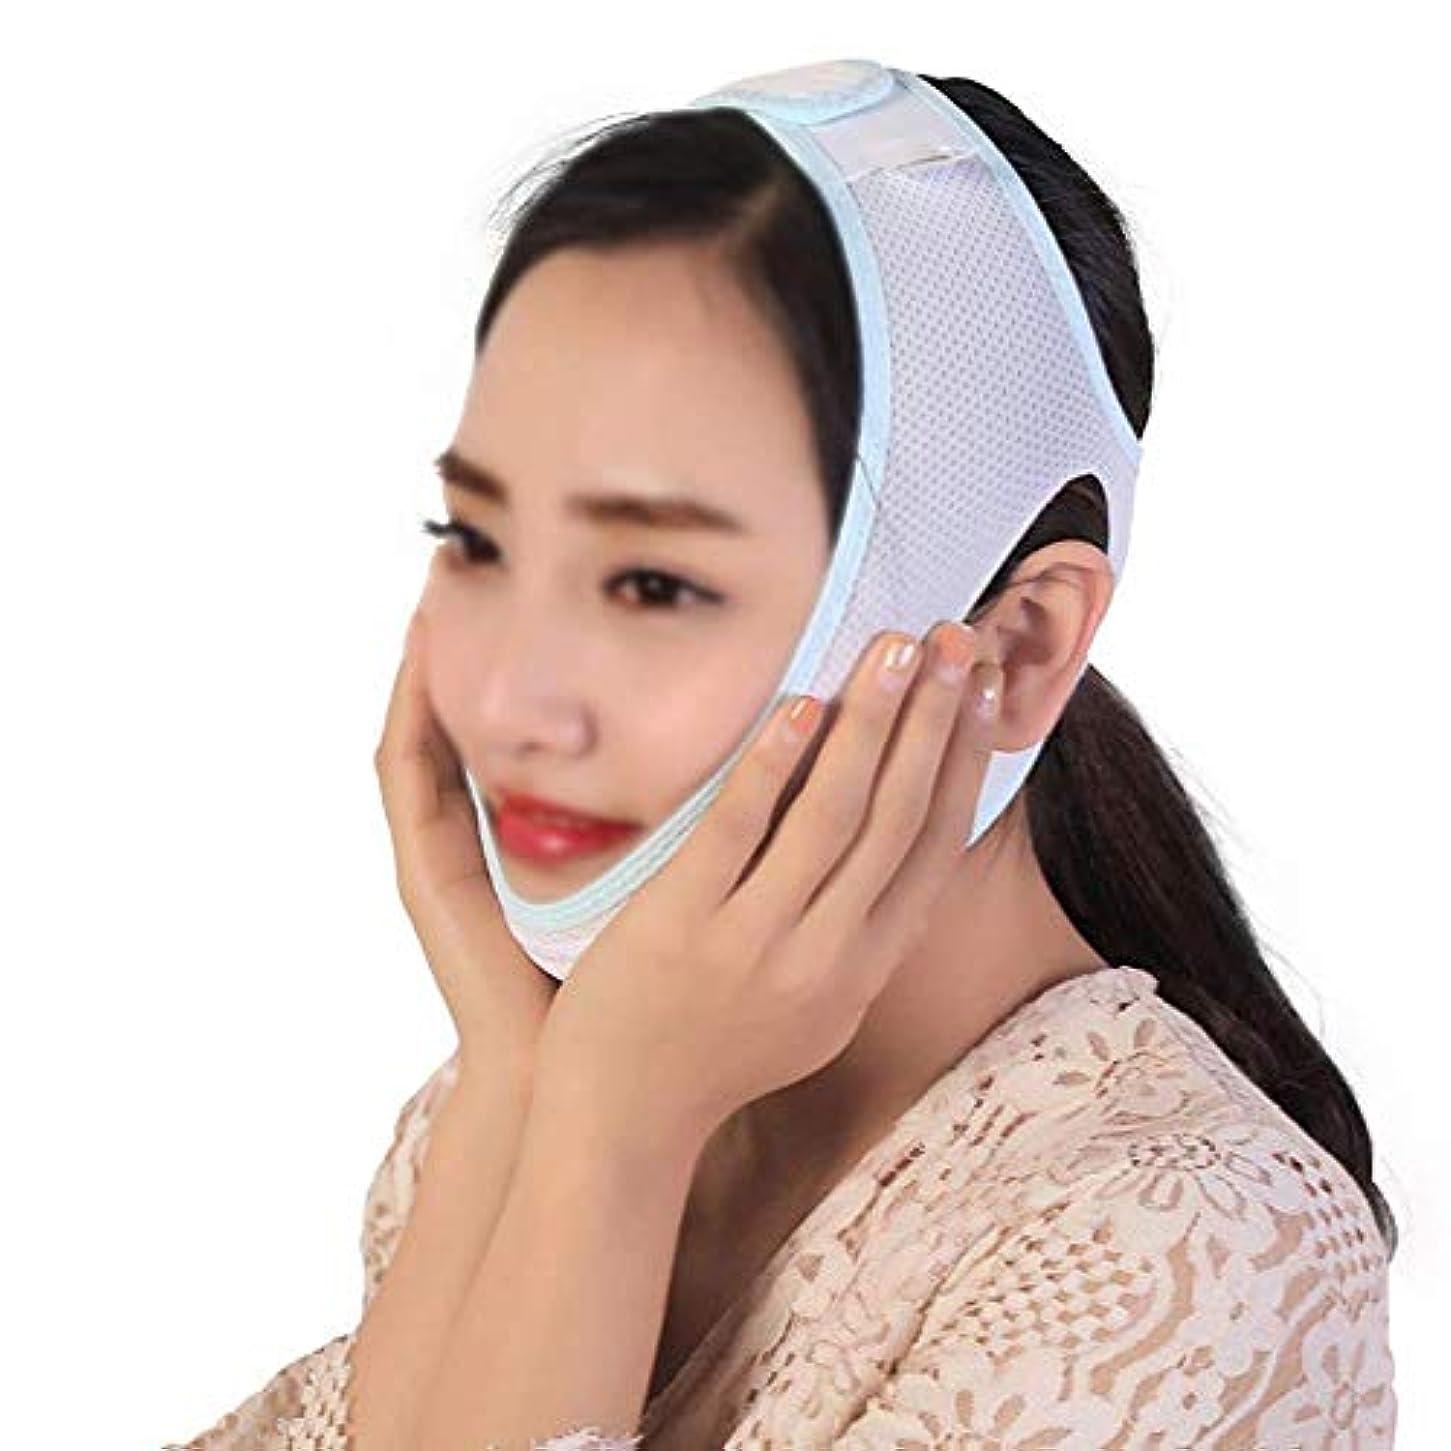 幸運村卑しいファーミングフェイスマスク、スモールVフェイスアーティファクトリフティングフェイスプラスチックフェイスマスクコンフォートアップグレードの最適化フェイスカーブの包括的な通気性包帯の改善(サイズ:M)